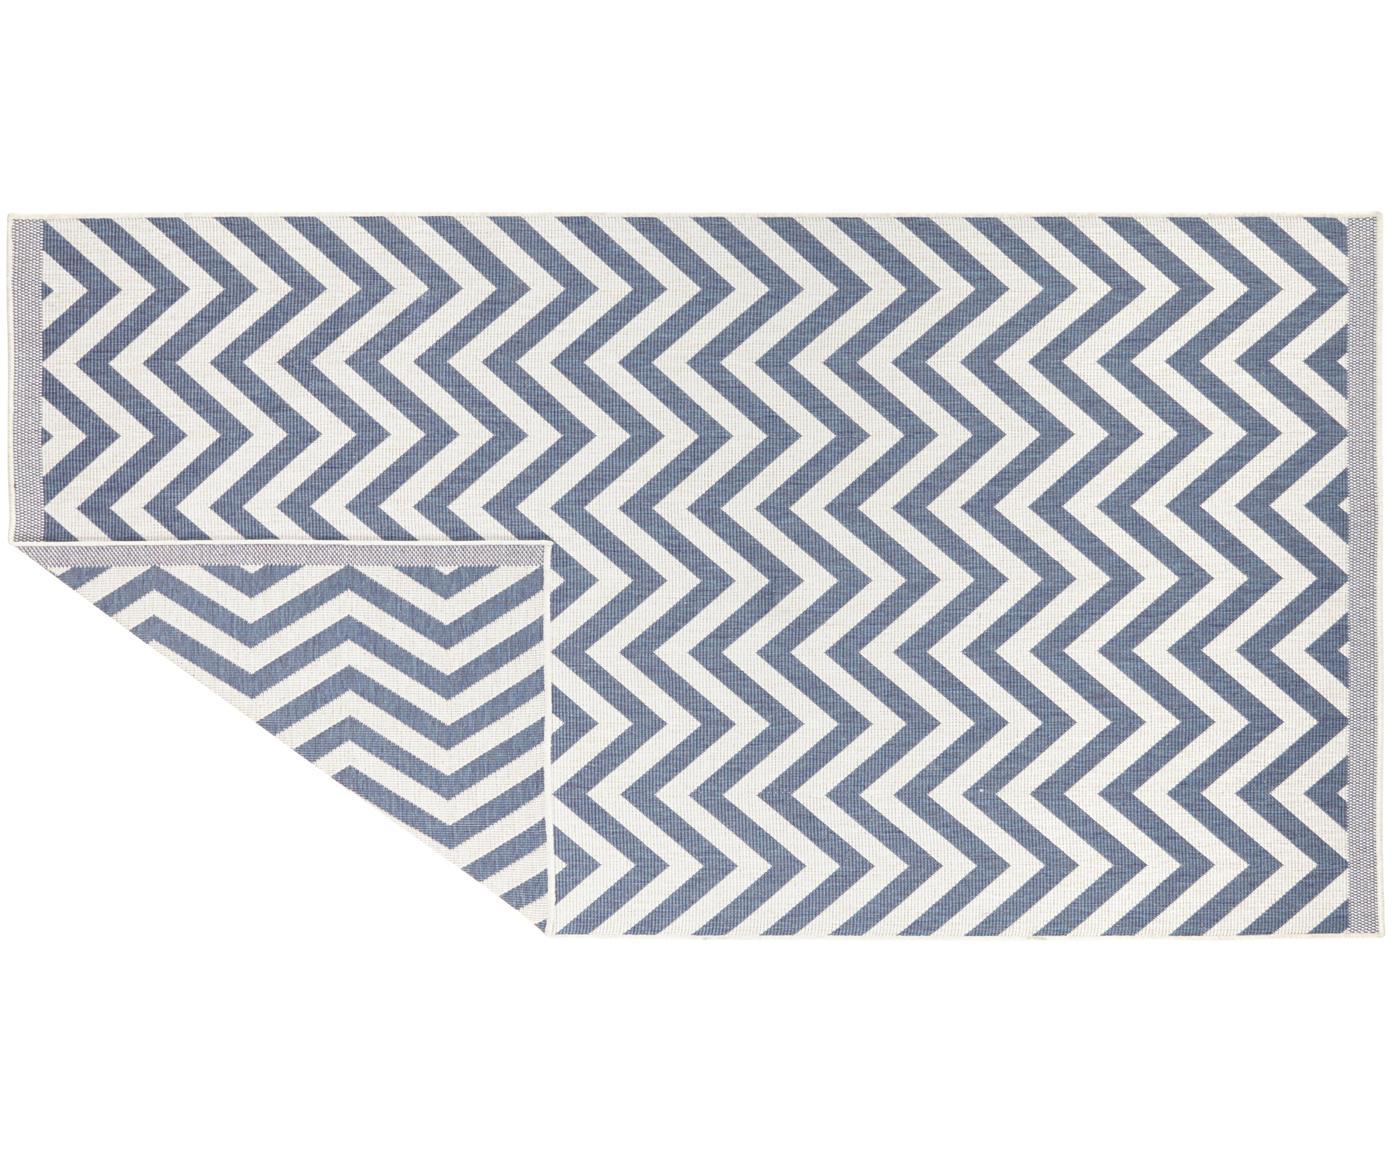 Dwustronny dywan wewnętrzny/zewnętrzny Palma, Niebieski, kremowy, 200 x 290 cm (Rozmiar L)